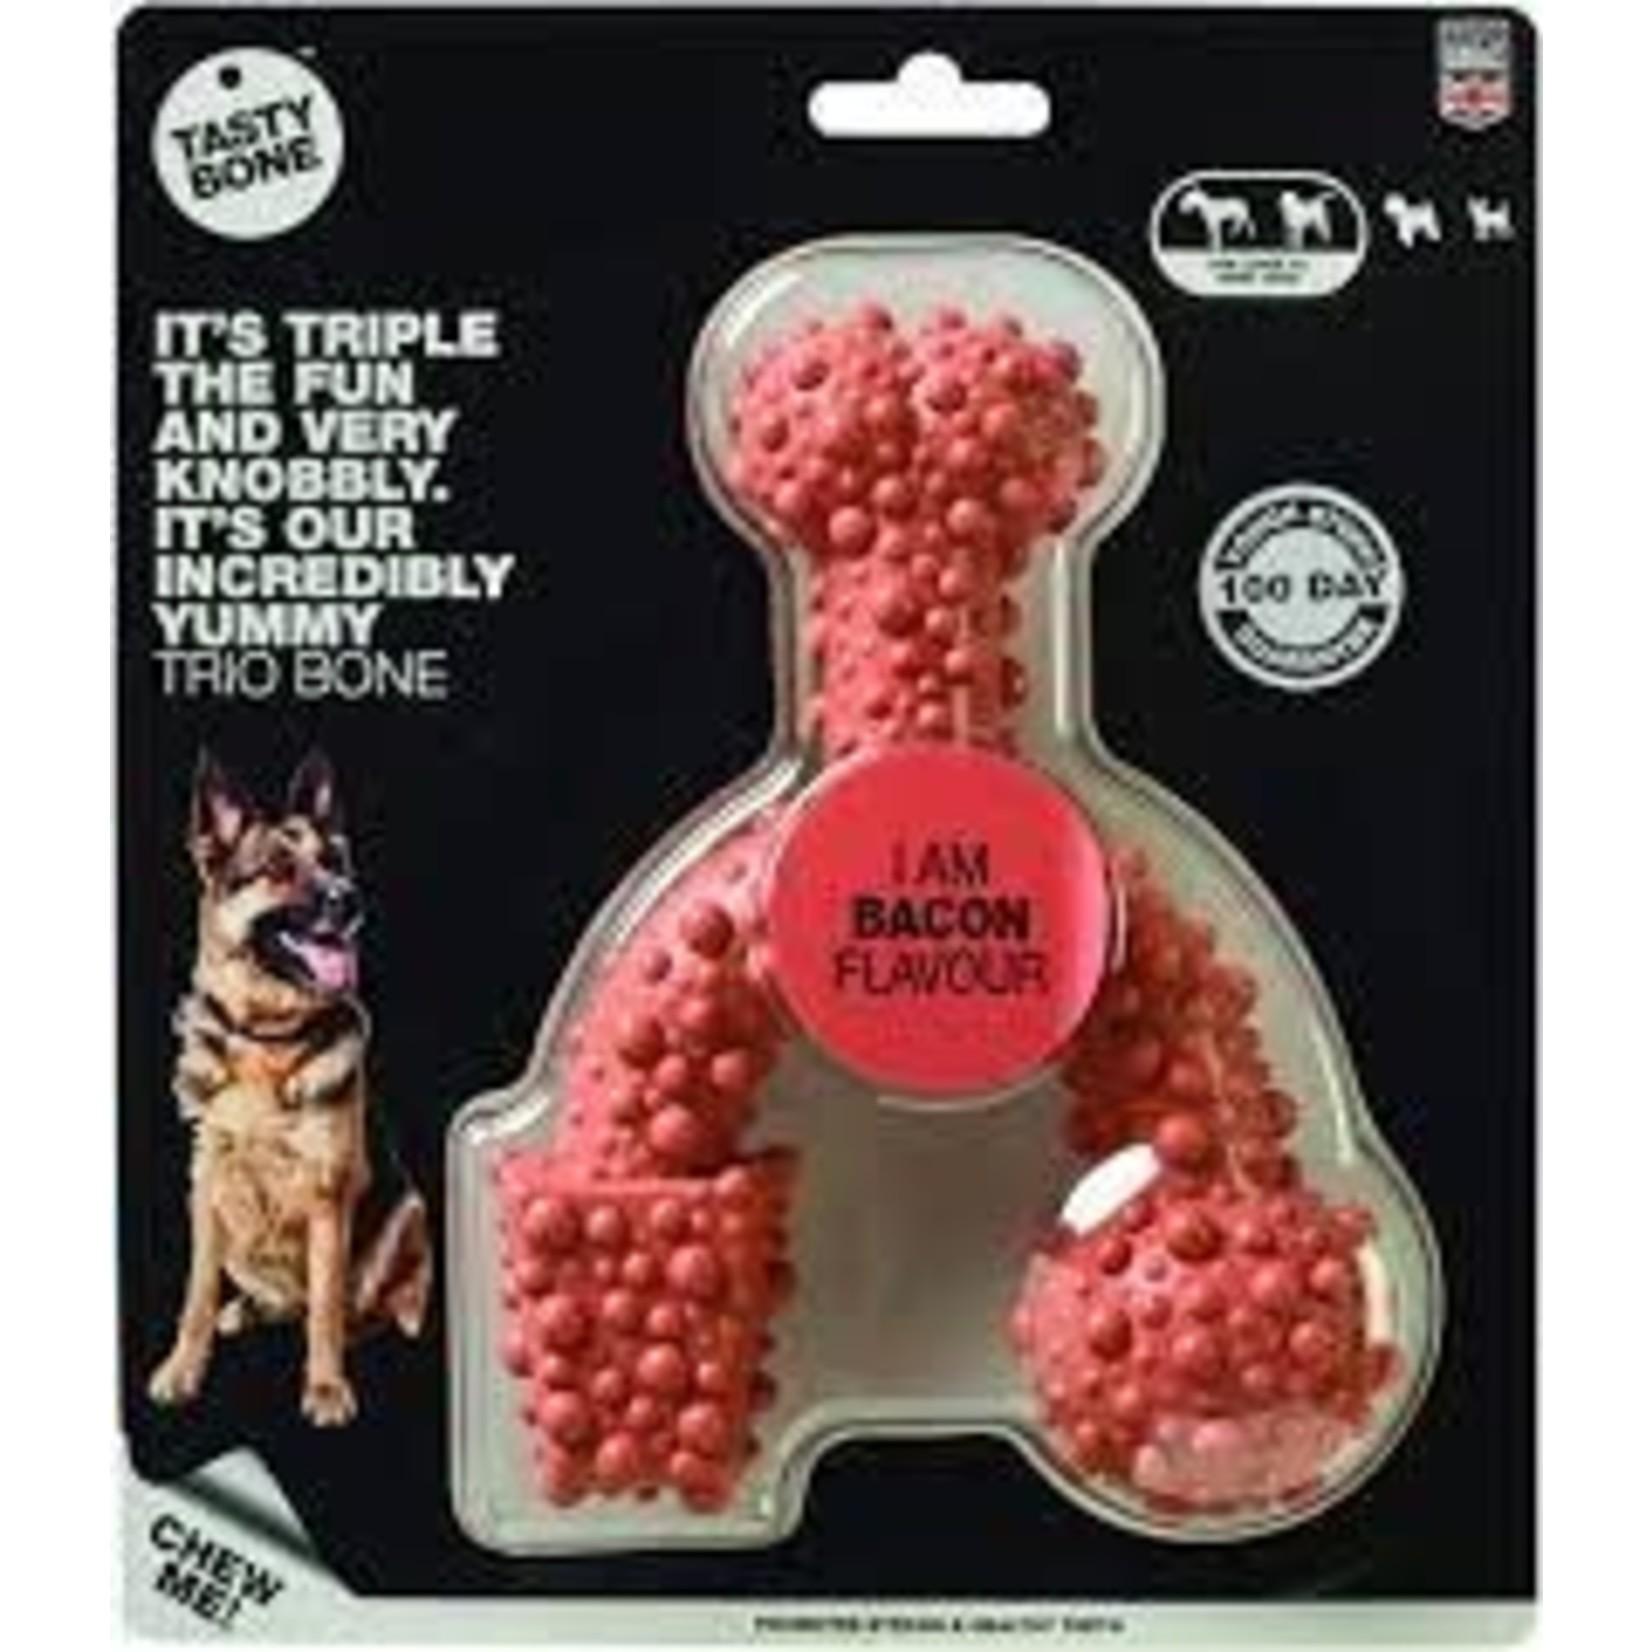 Tasty Trio Bone Bacon L